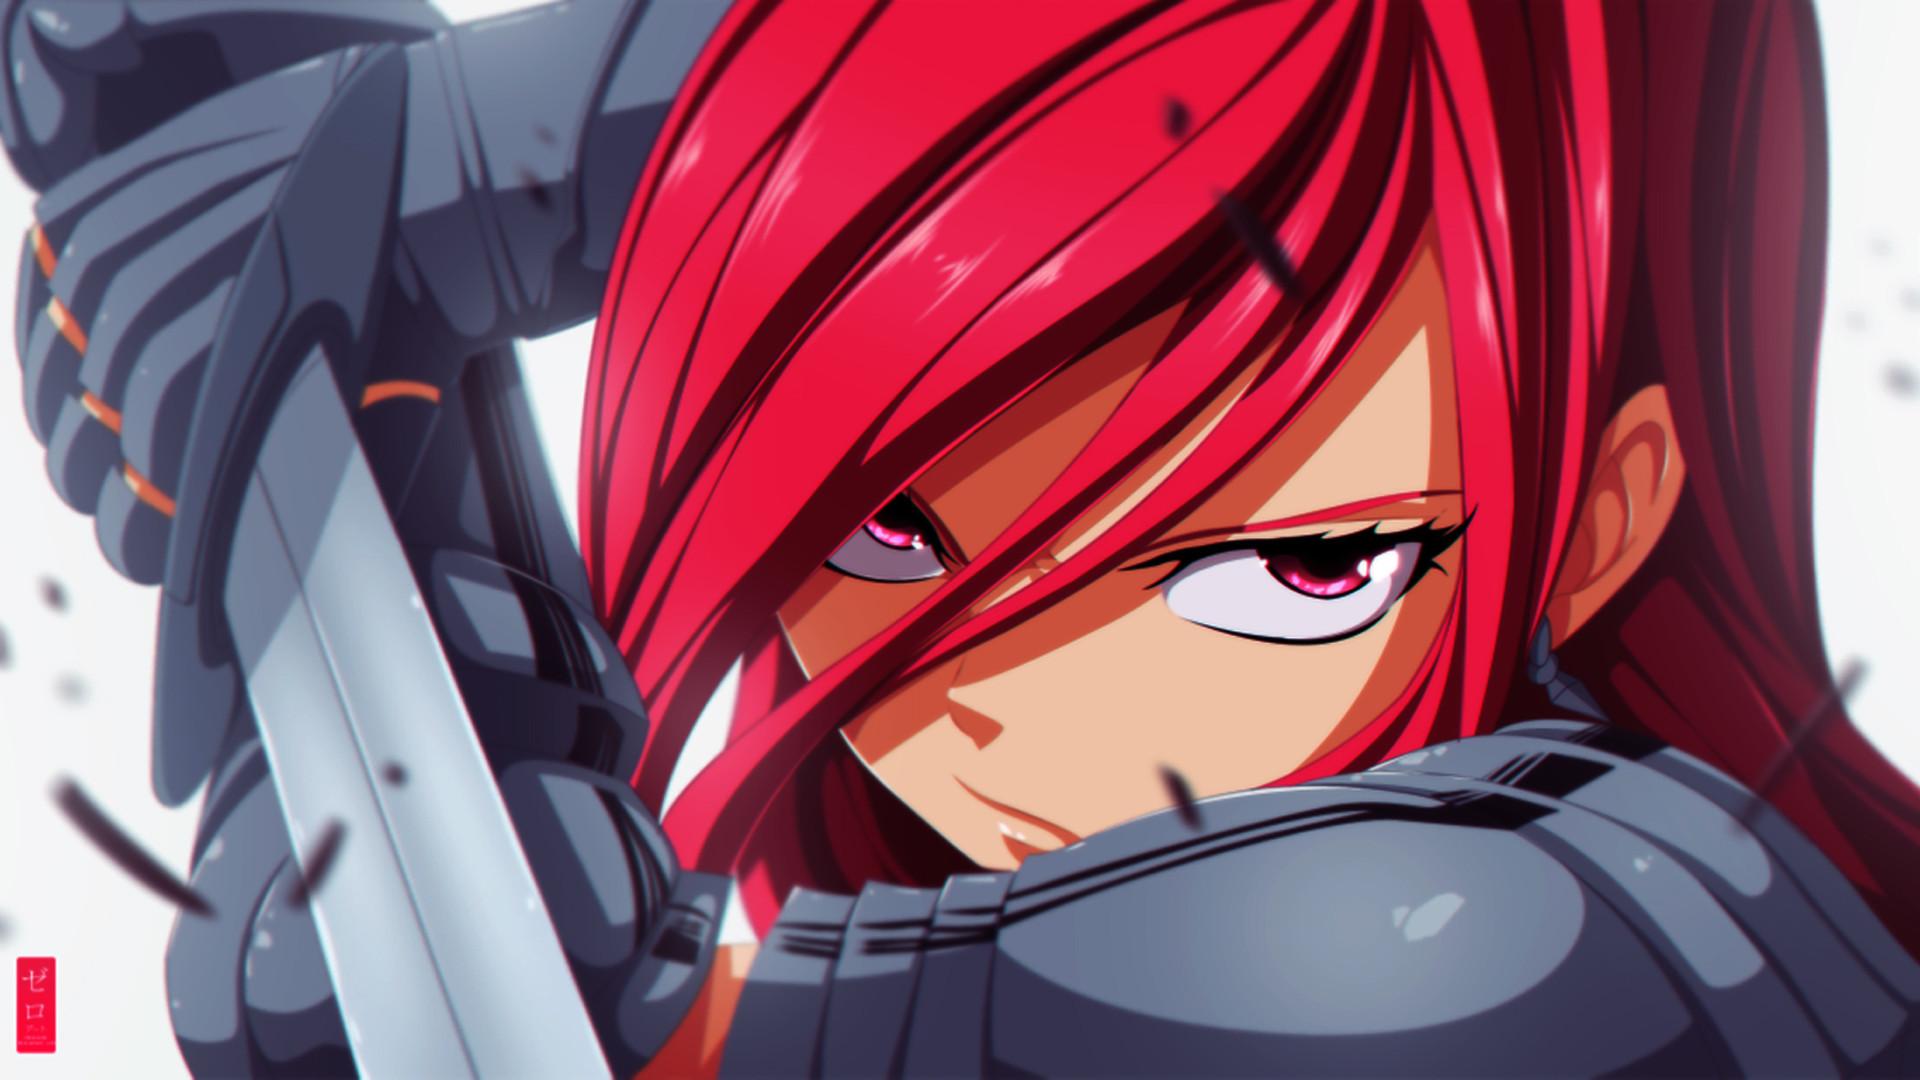 erza scarlet fairy tail anime girl glare armor sword